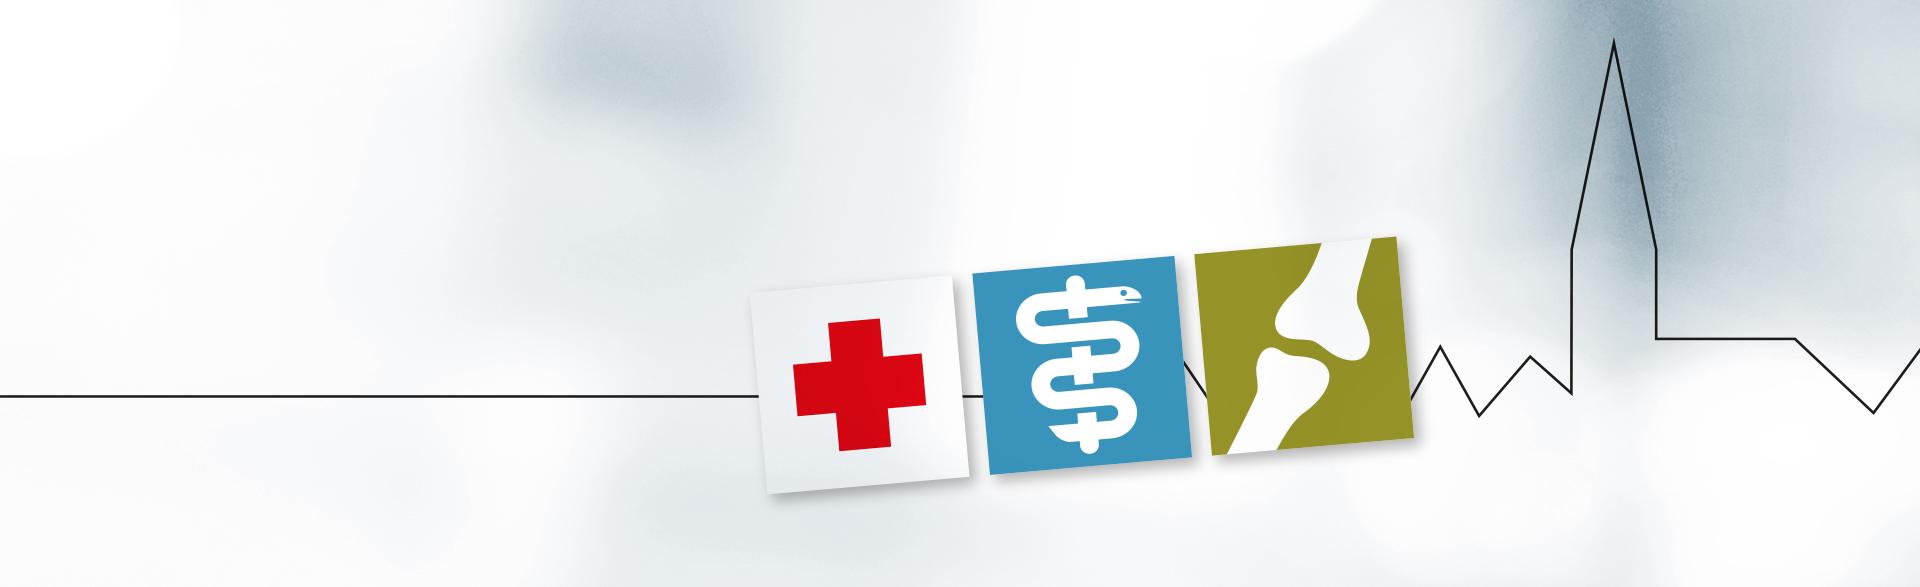 Logo des Ärztehaus Lauenburg mit der Skyline Lauenburgs, einem Icon mit rotem Kreuz, einem Icon mit Äskulapstab und einem Icon mit einem Knochengelenk